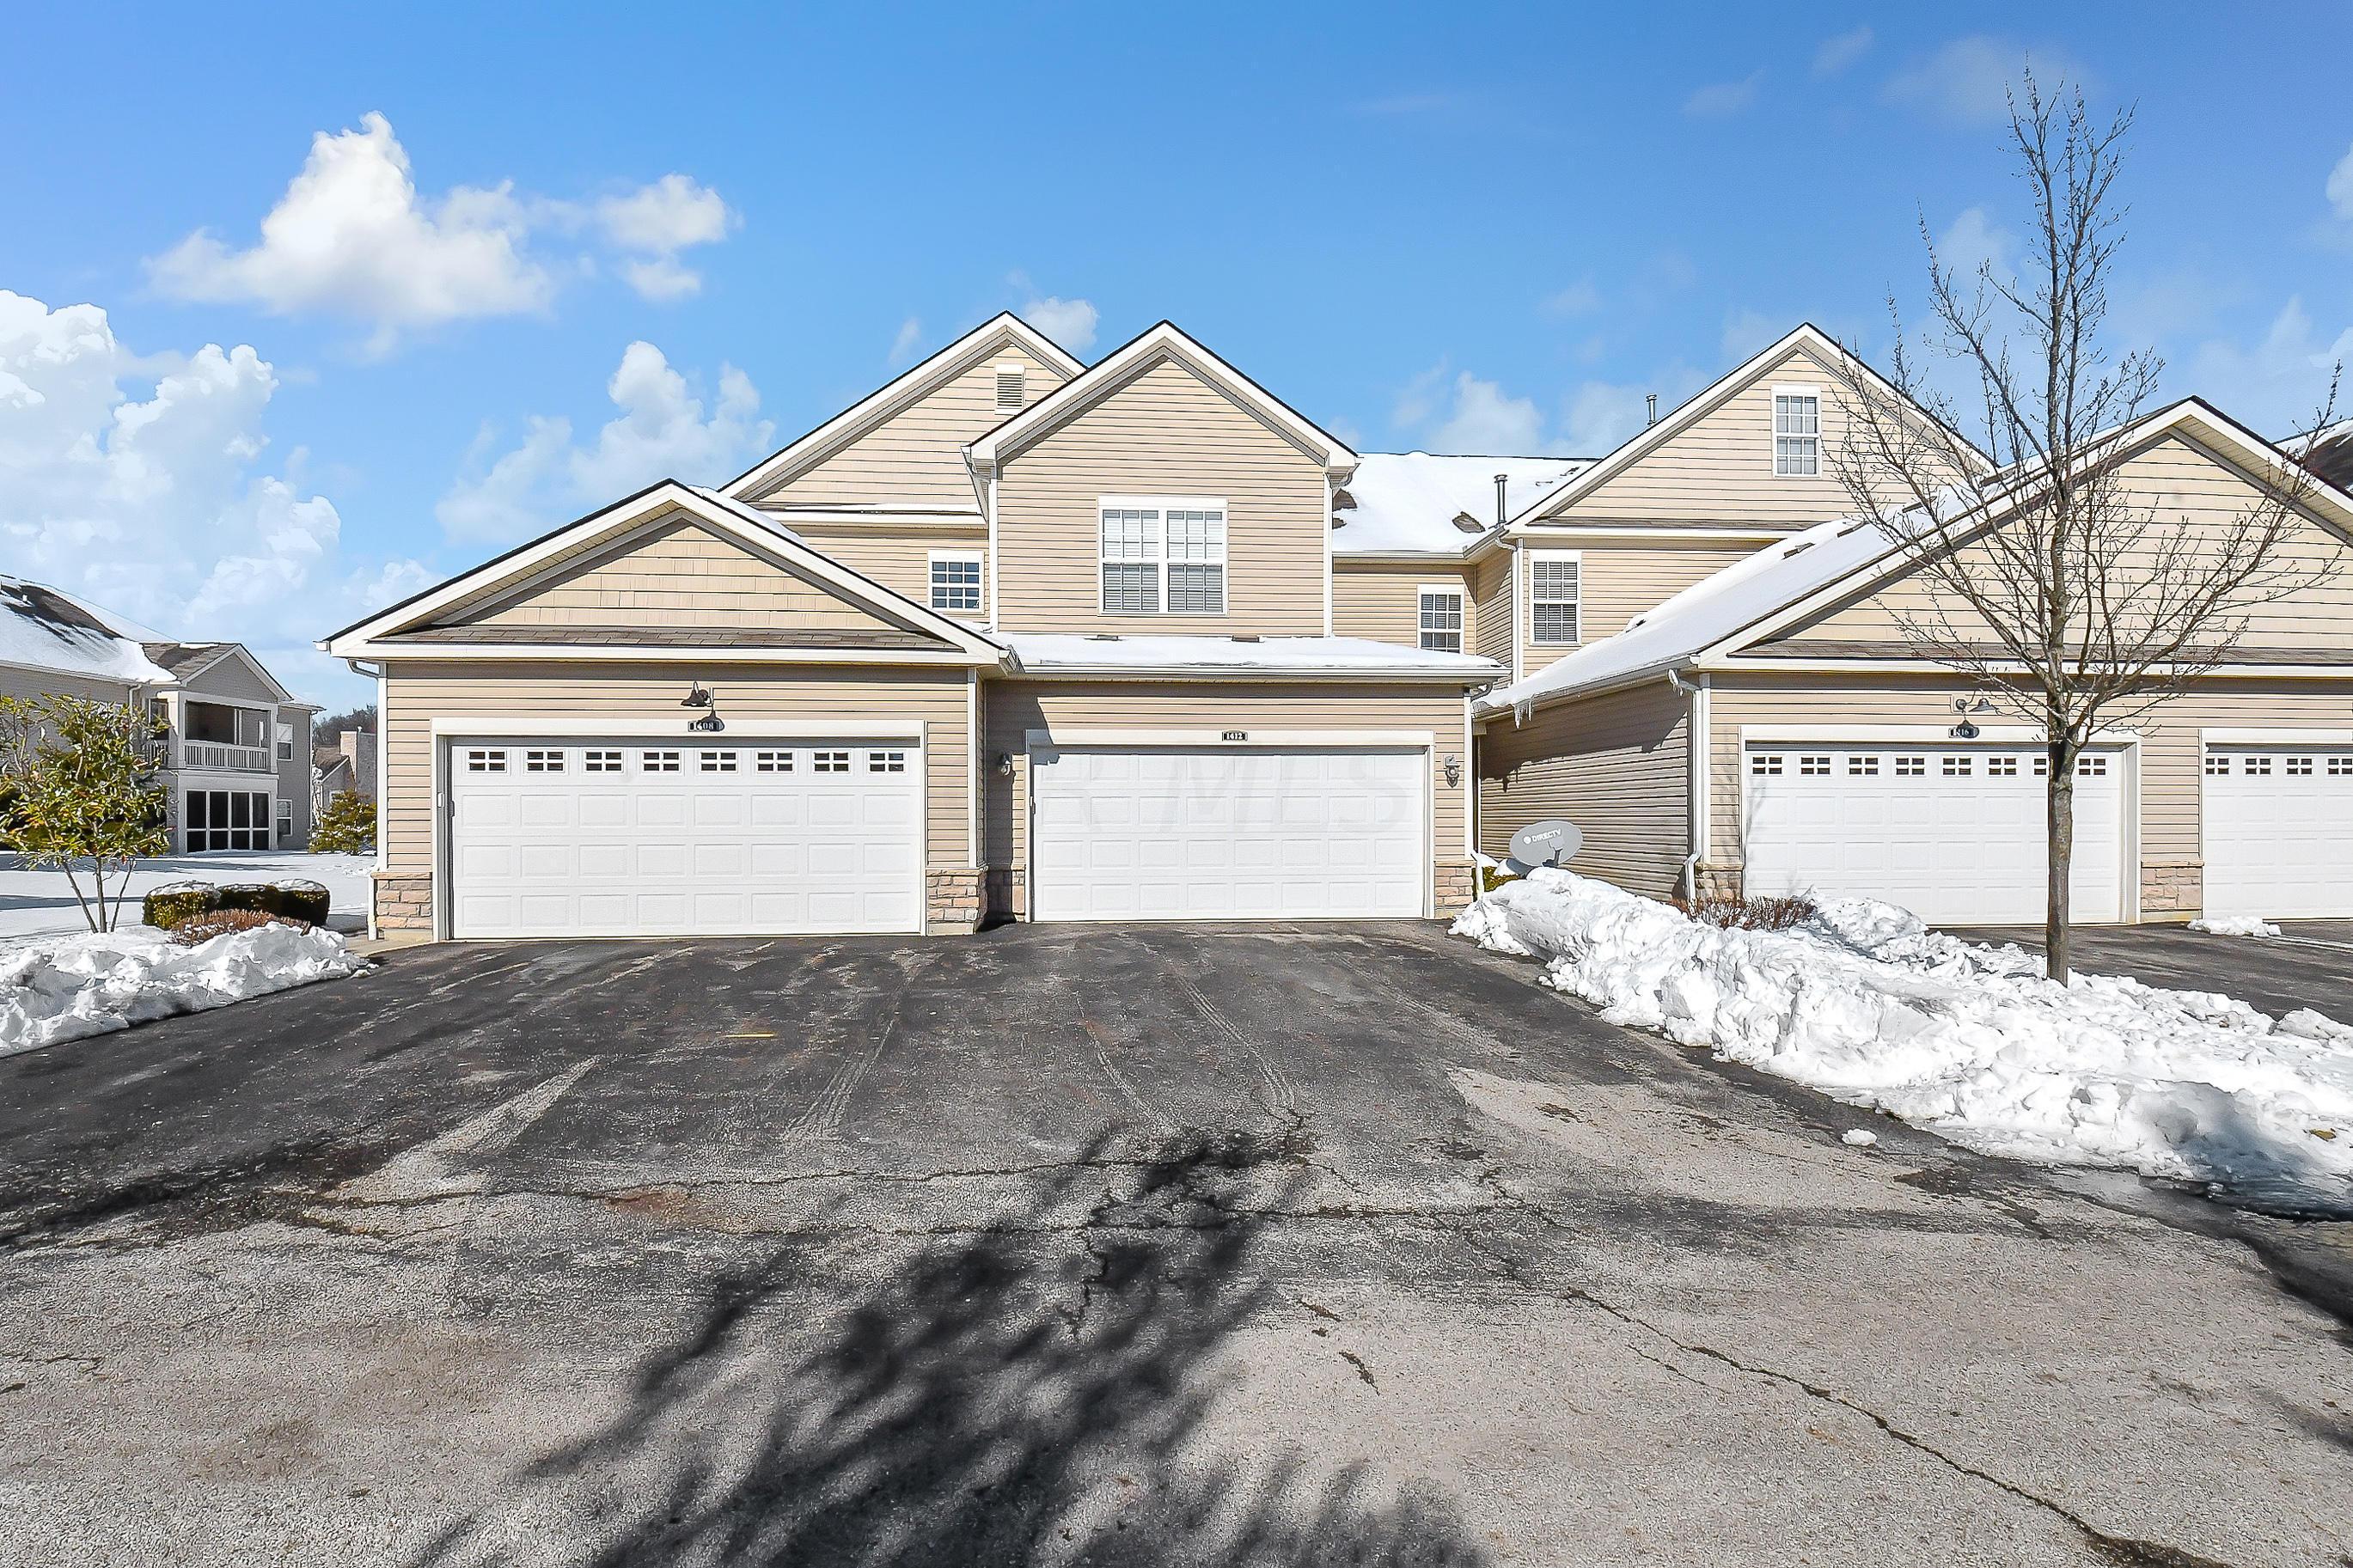 Photo of 1412 Lakes Circle Drive, Columbus, OH 43240